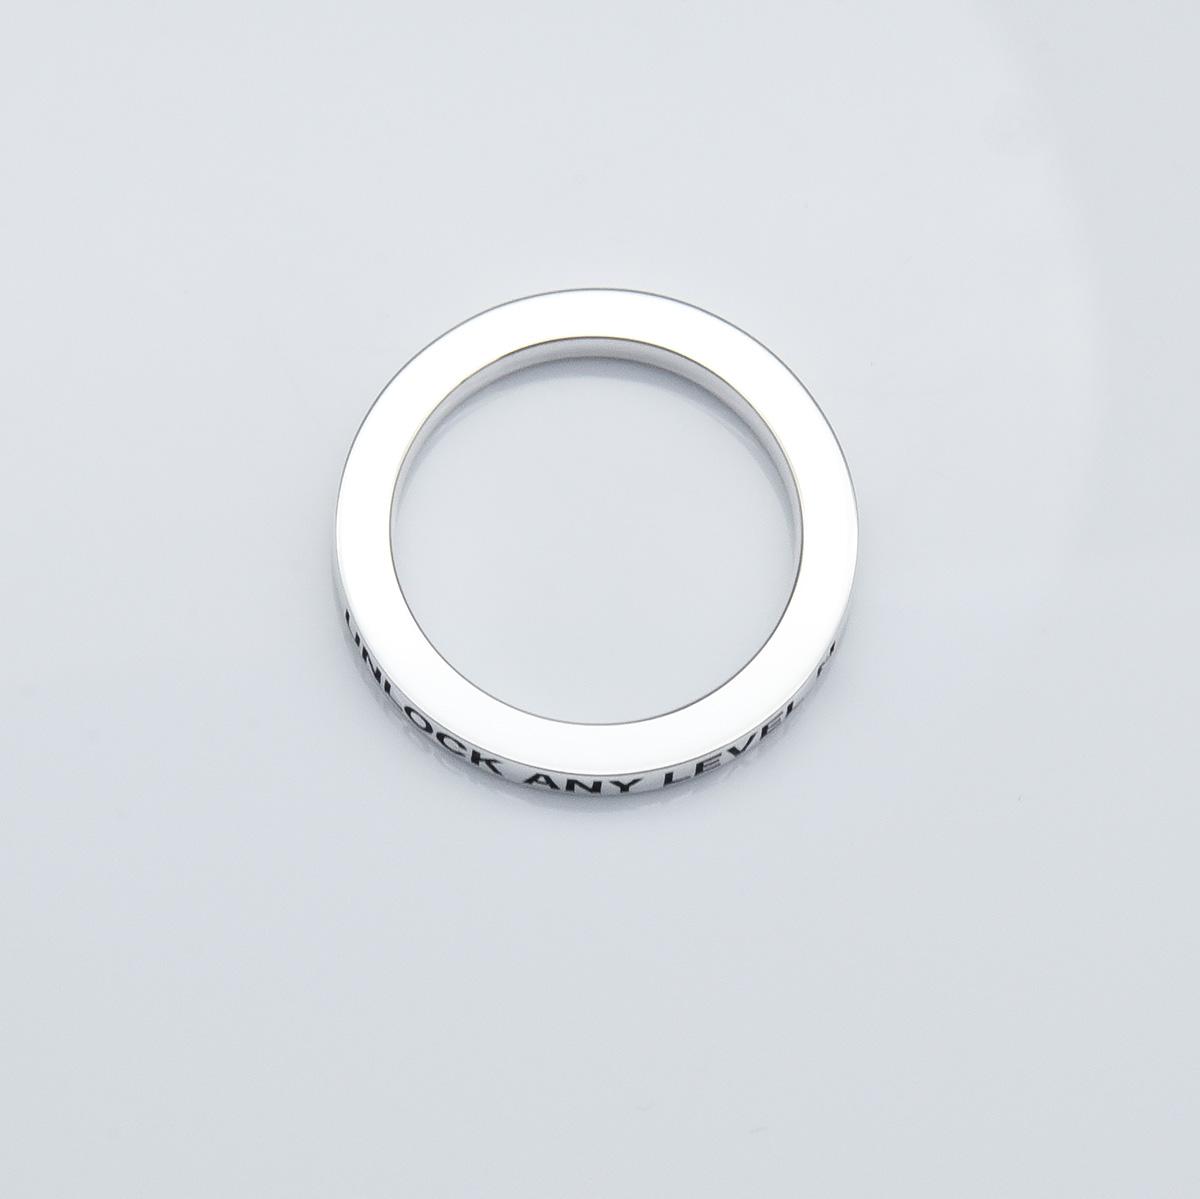 UNLOCK リング 3mm(鏡面仕上げ)